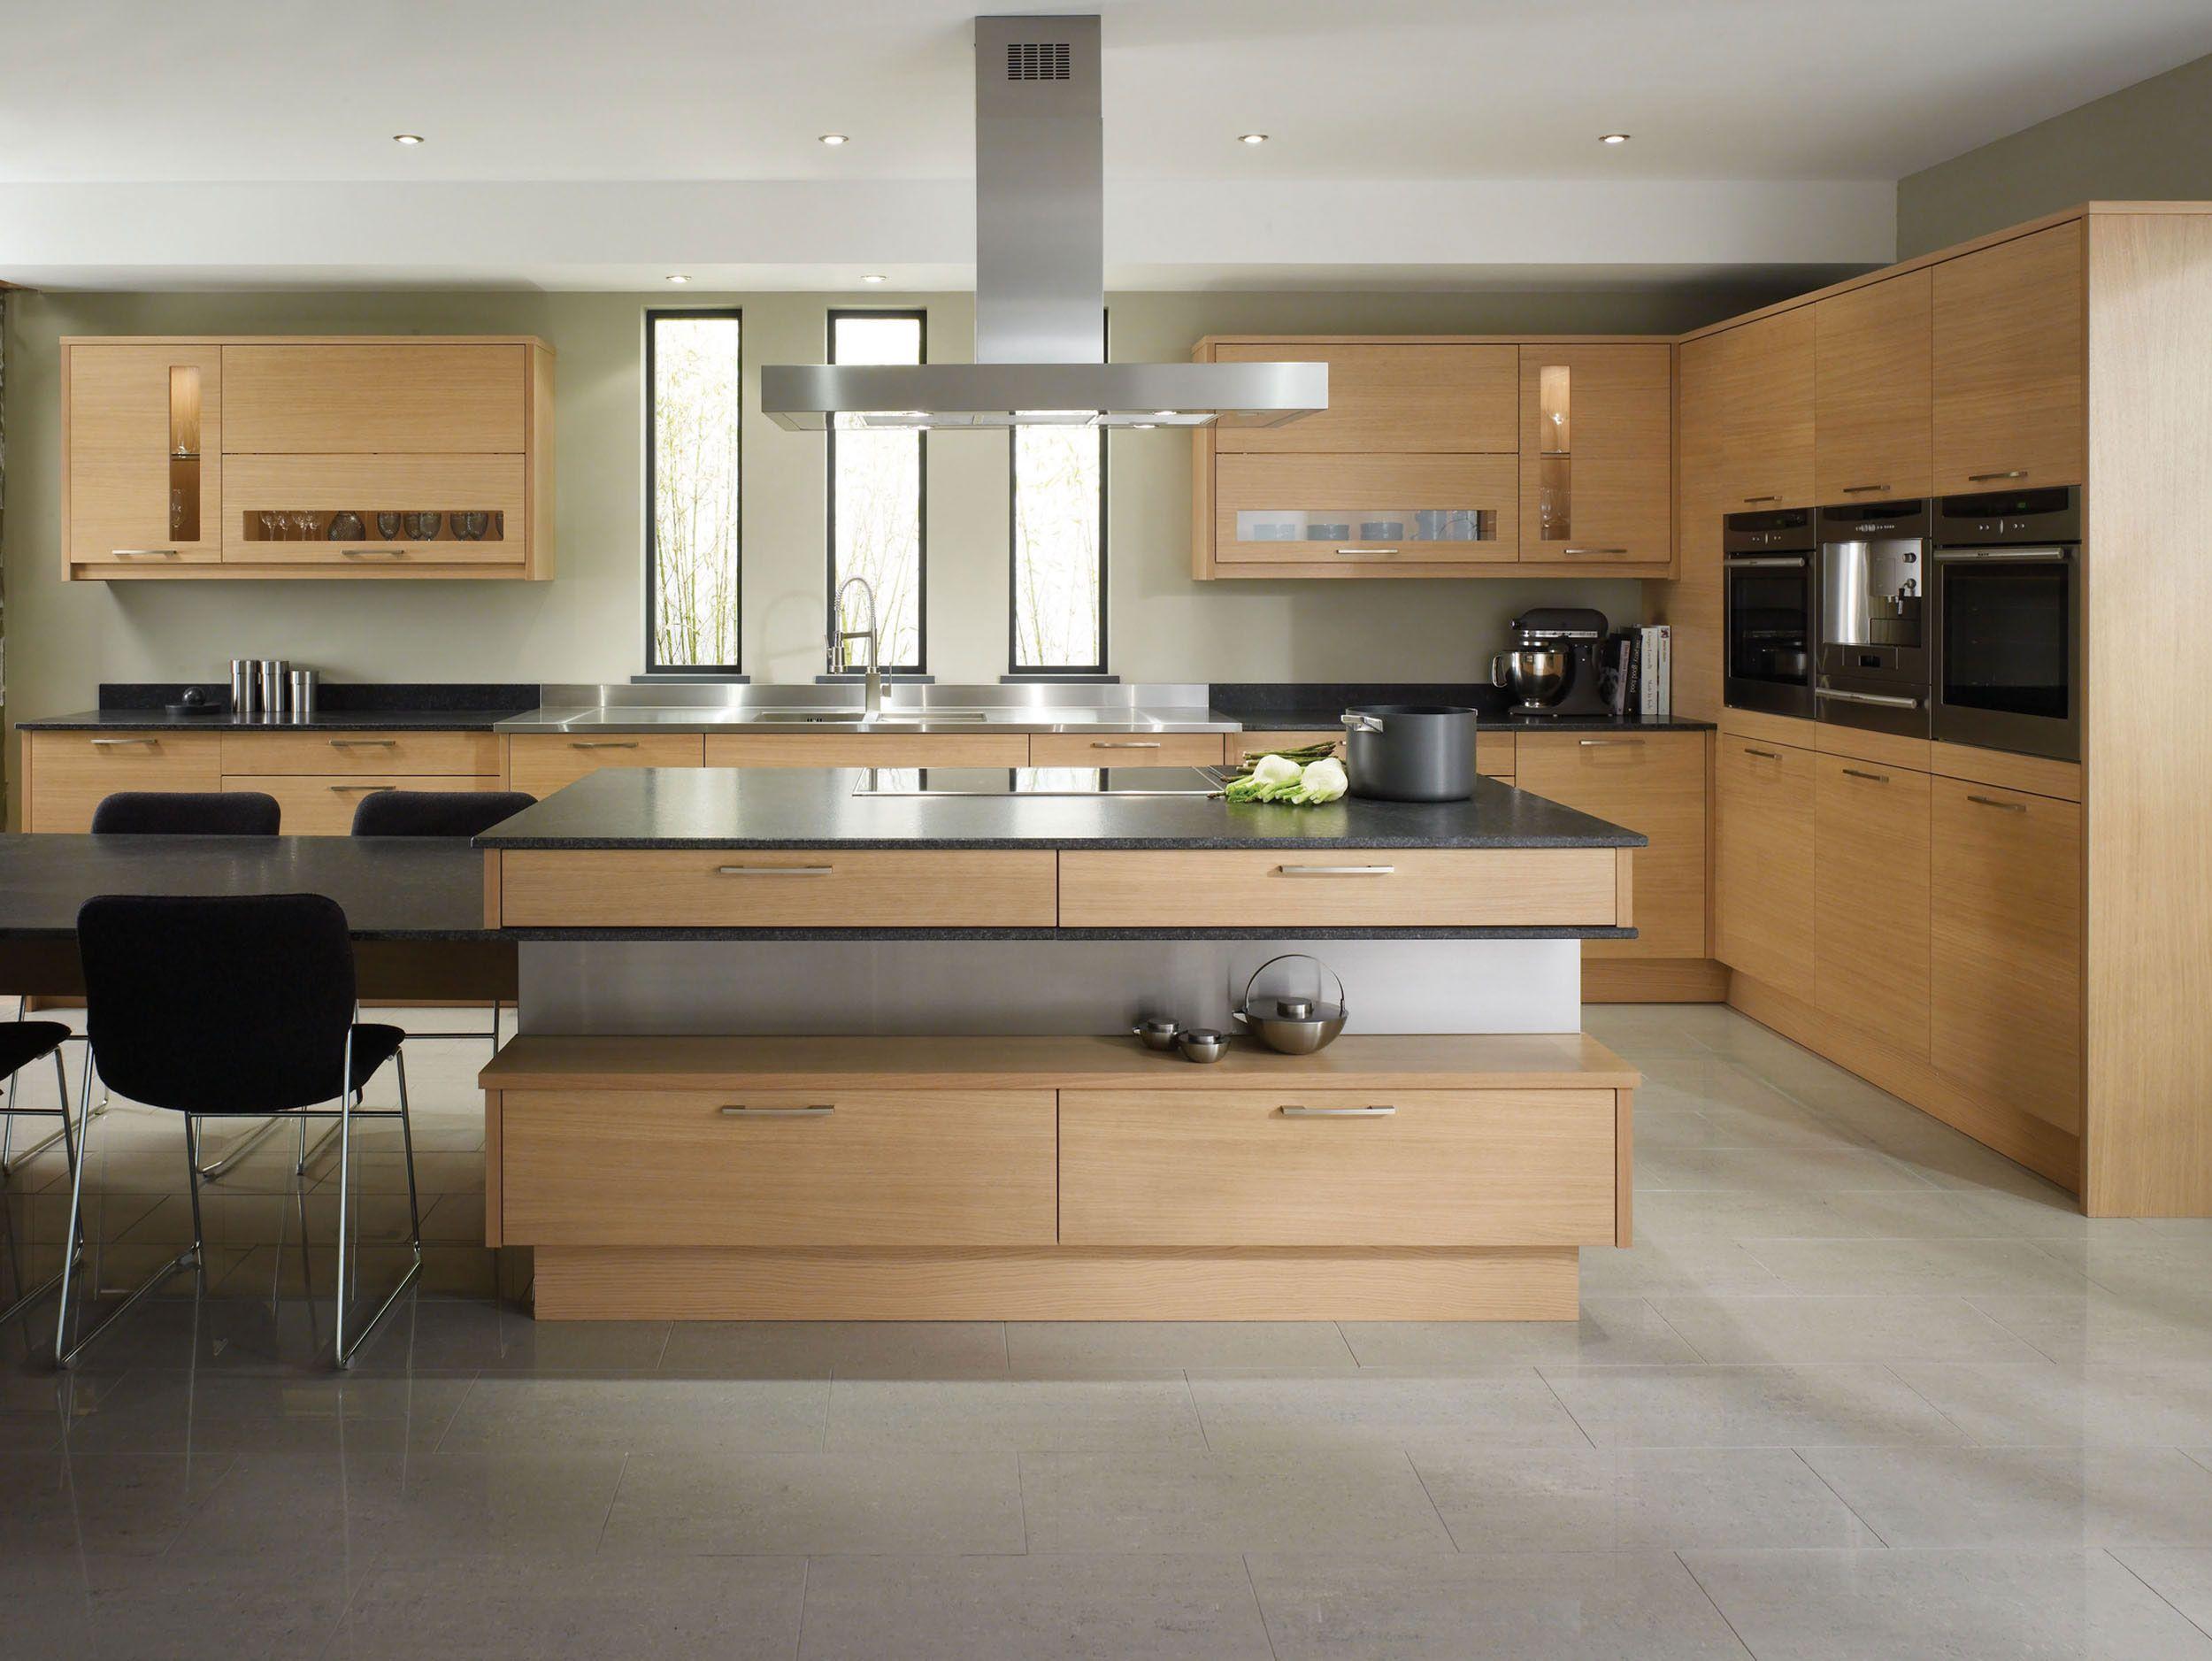 Kitchen Contemporary Kitchen Cabinets Kitchen Design Modern Kitchen Cabinet Design